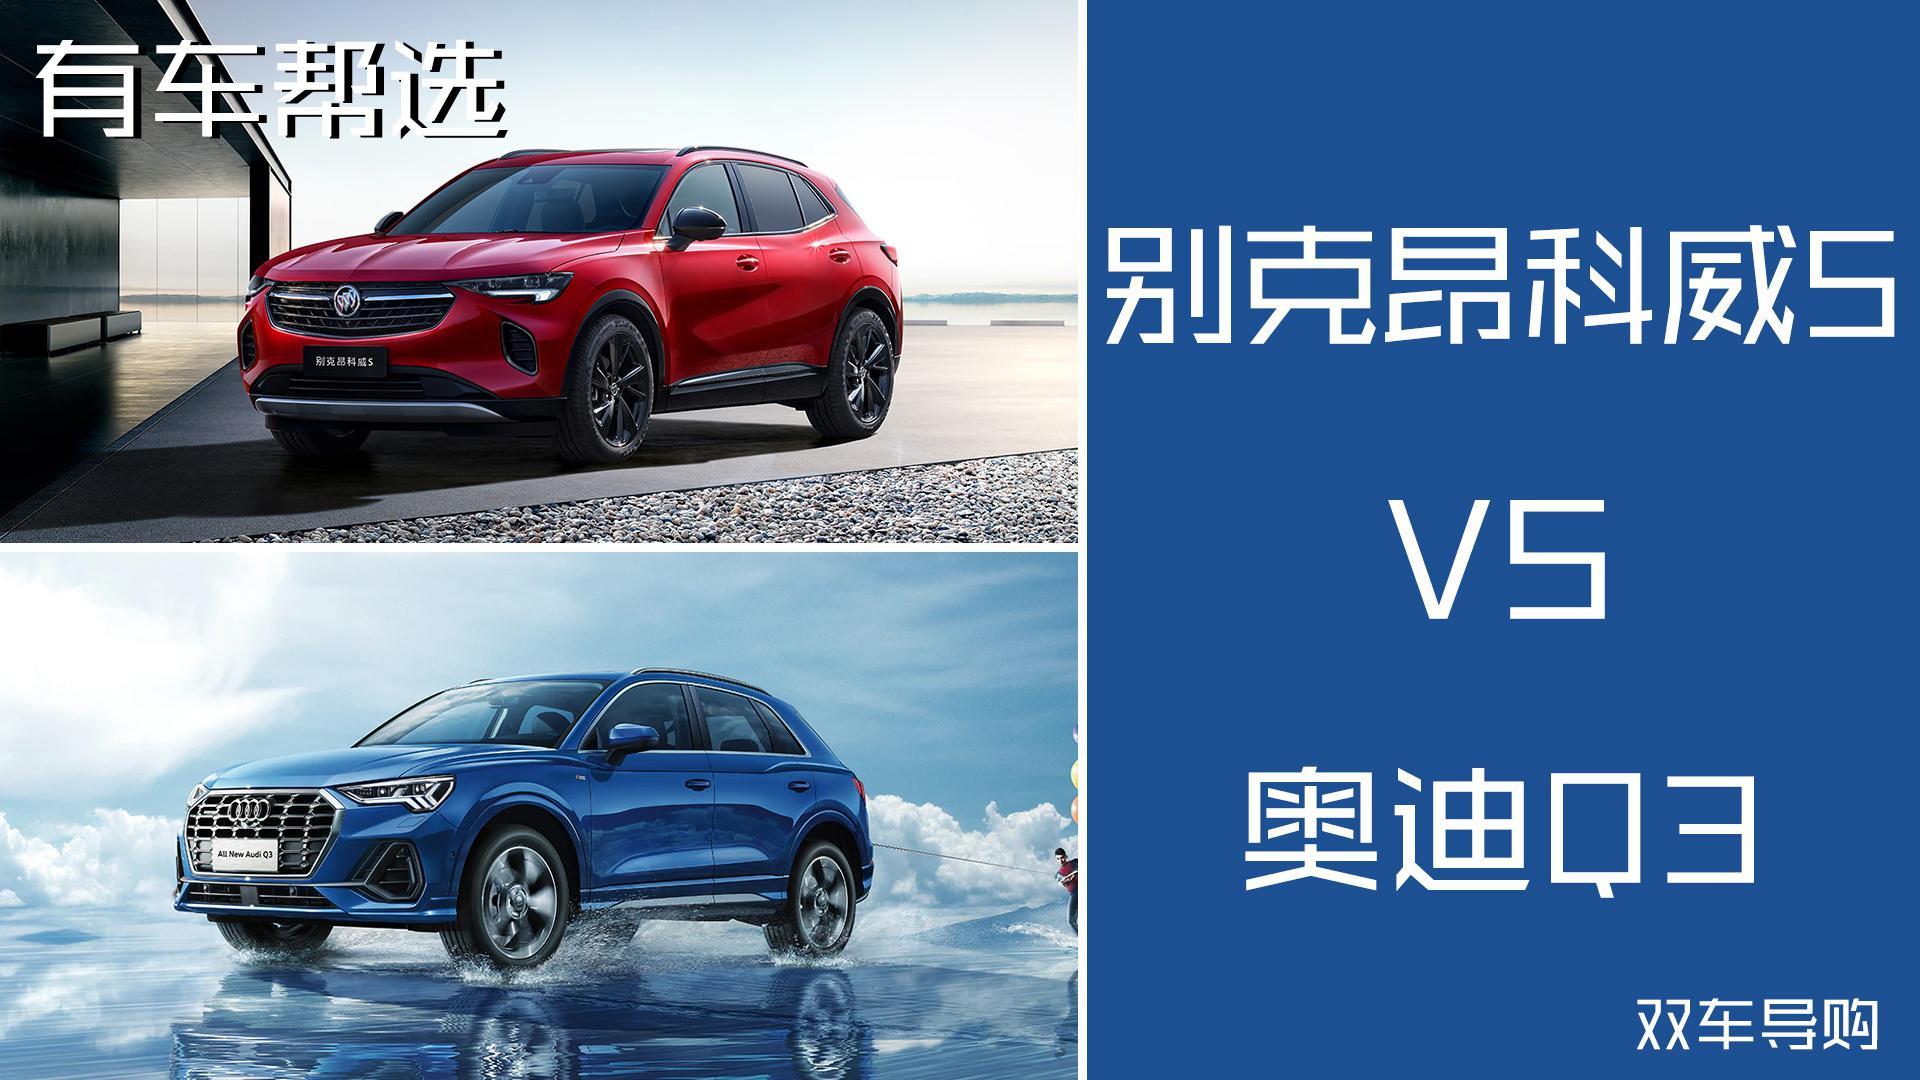 视频:同为高性价比SUV车型 奥迪Q3和别克昂科威S 要怎么选?